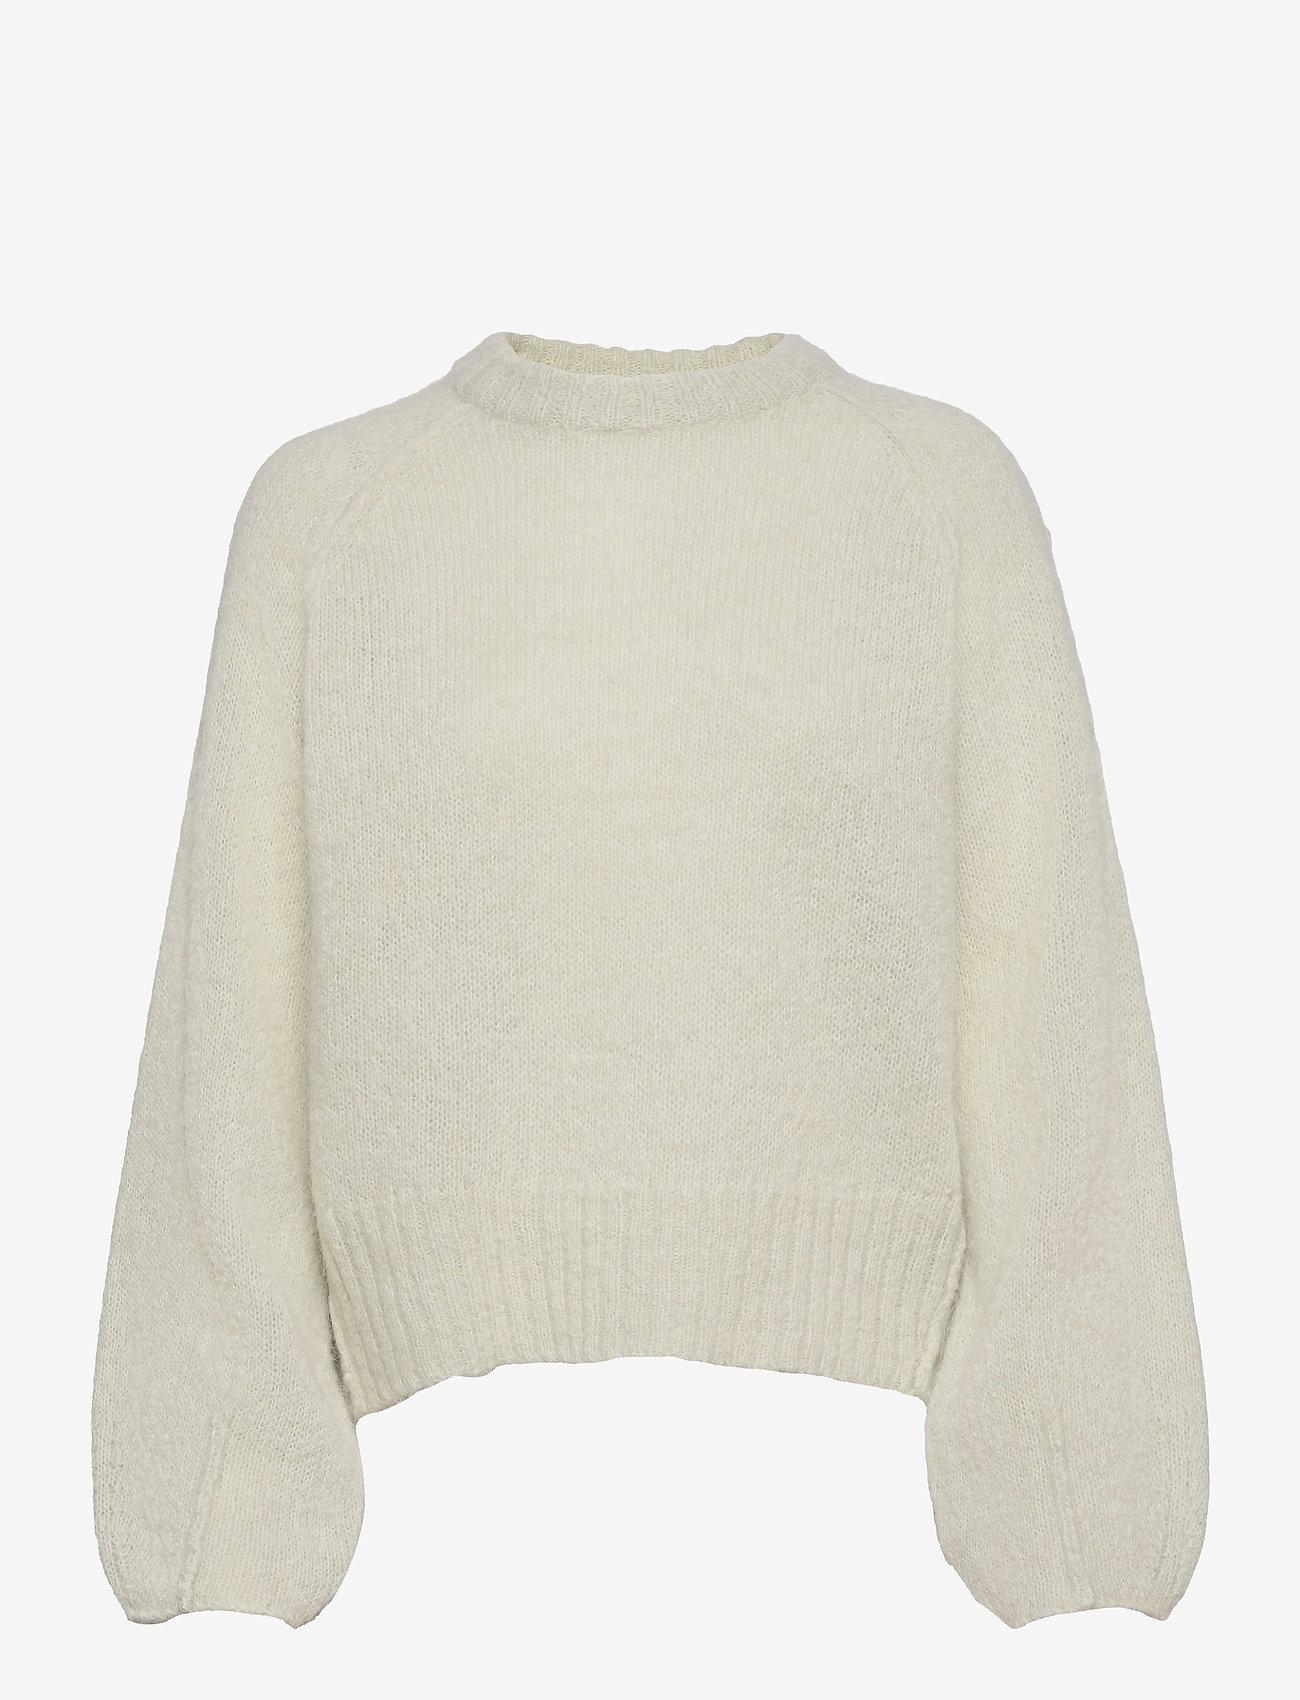 RODEBJER - RODEBJER FRANCISCA - trøjer - clay verde - 0